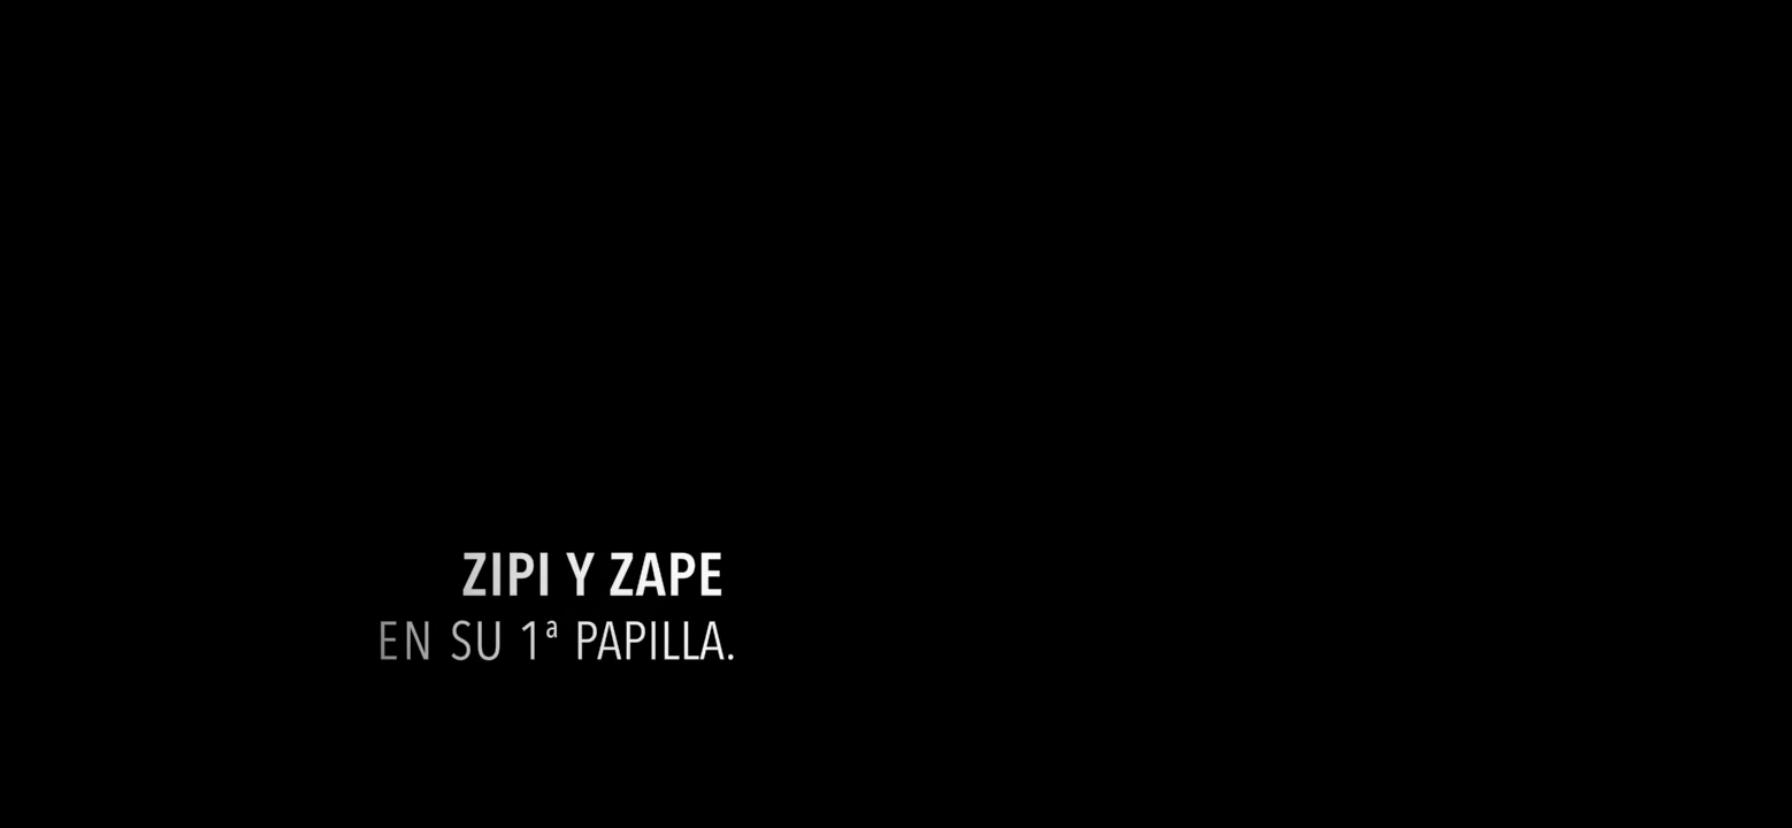 Zipi y Zape en su 1ª papilla.